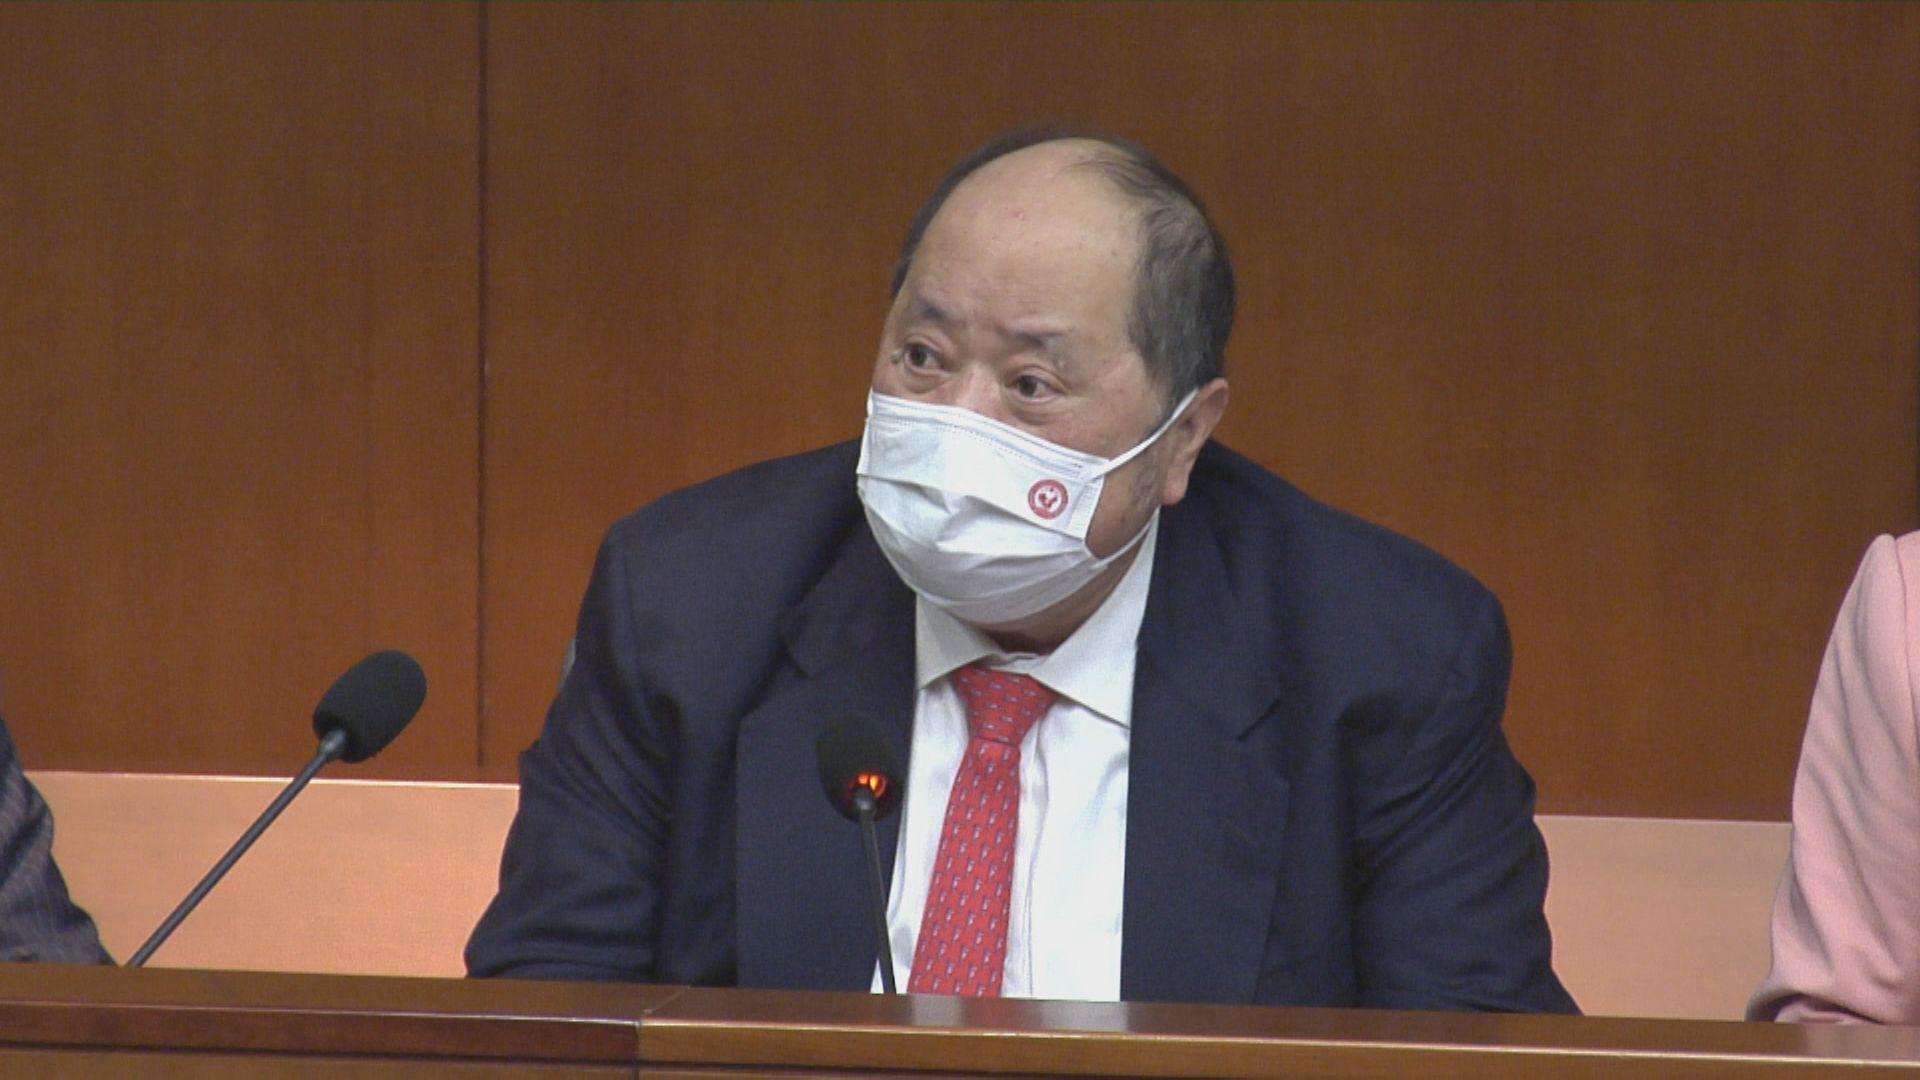 張華峰:加稅是「殺雞取卵」 港交所失望